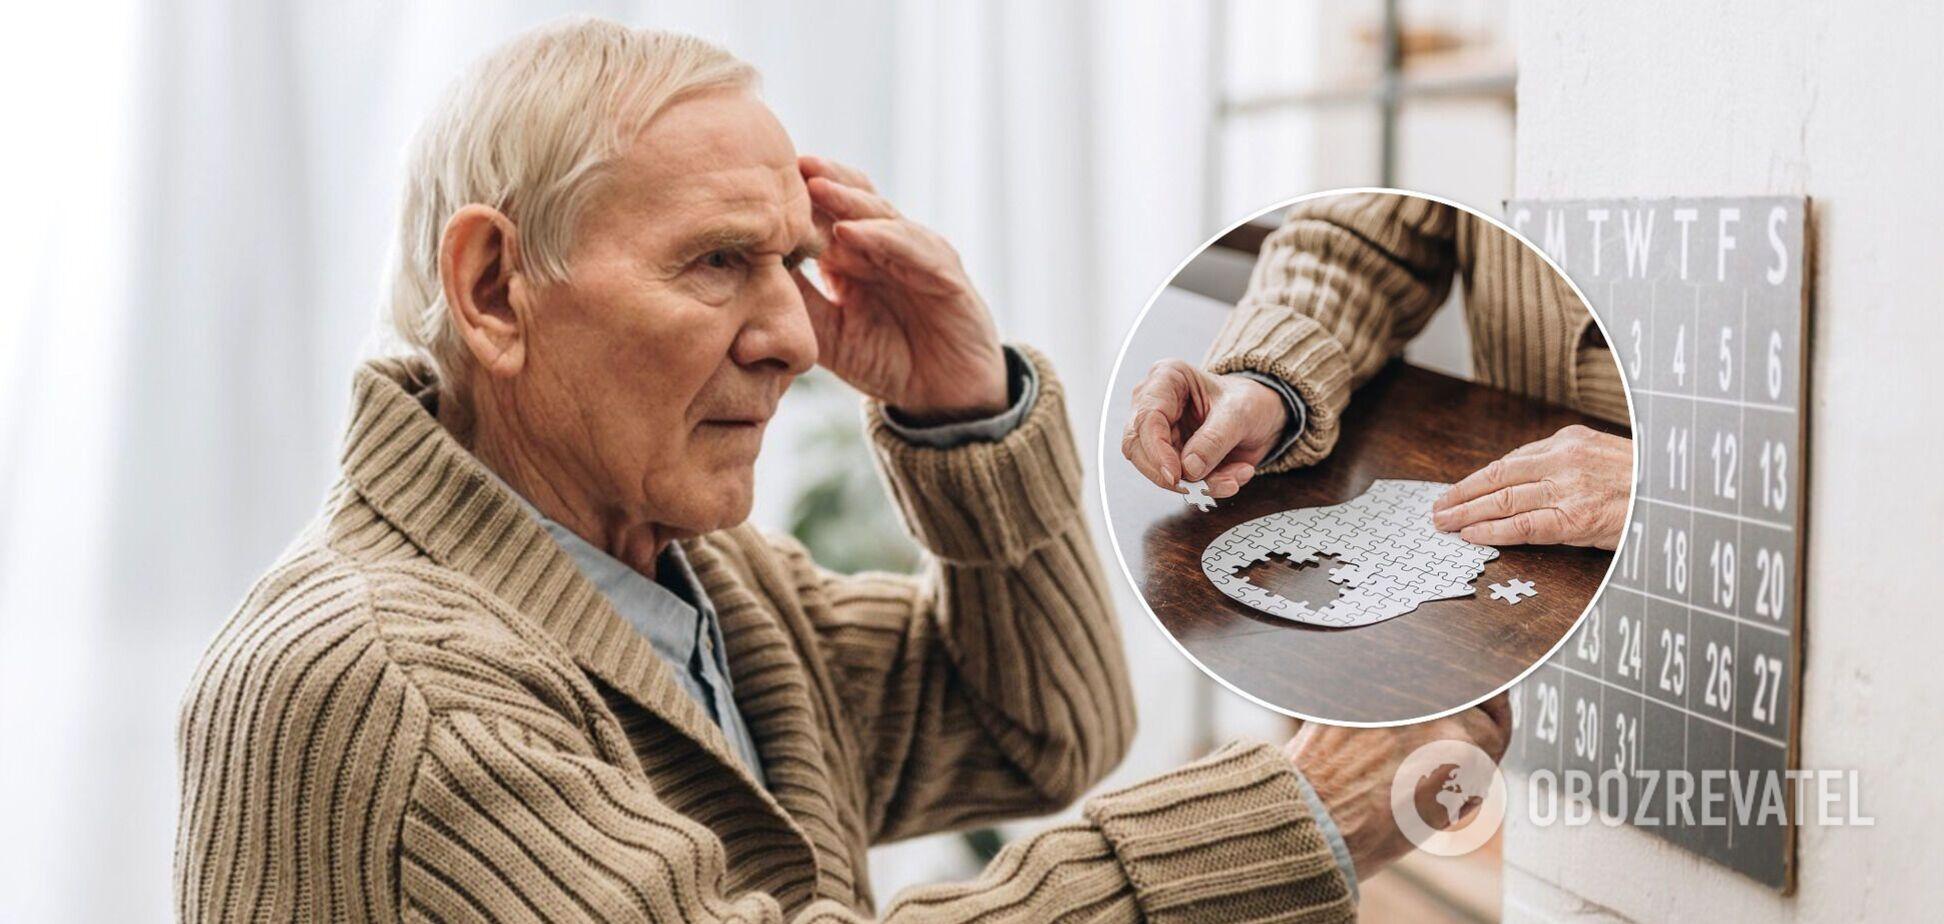 Знайдено революційний спосіб лікування хвороби Альцгеймера